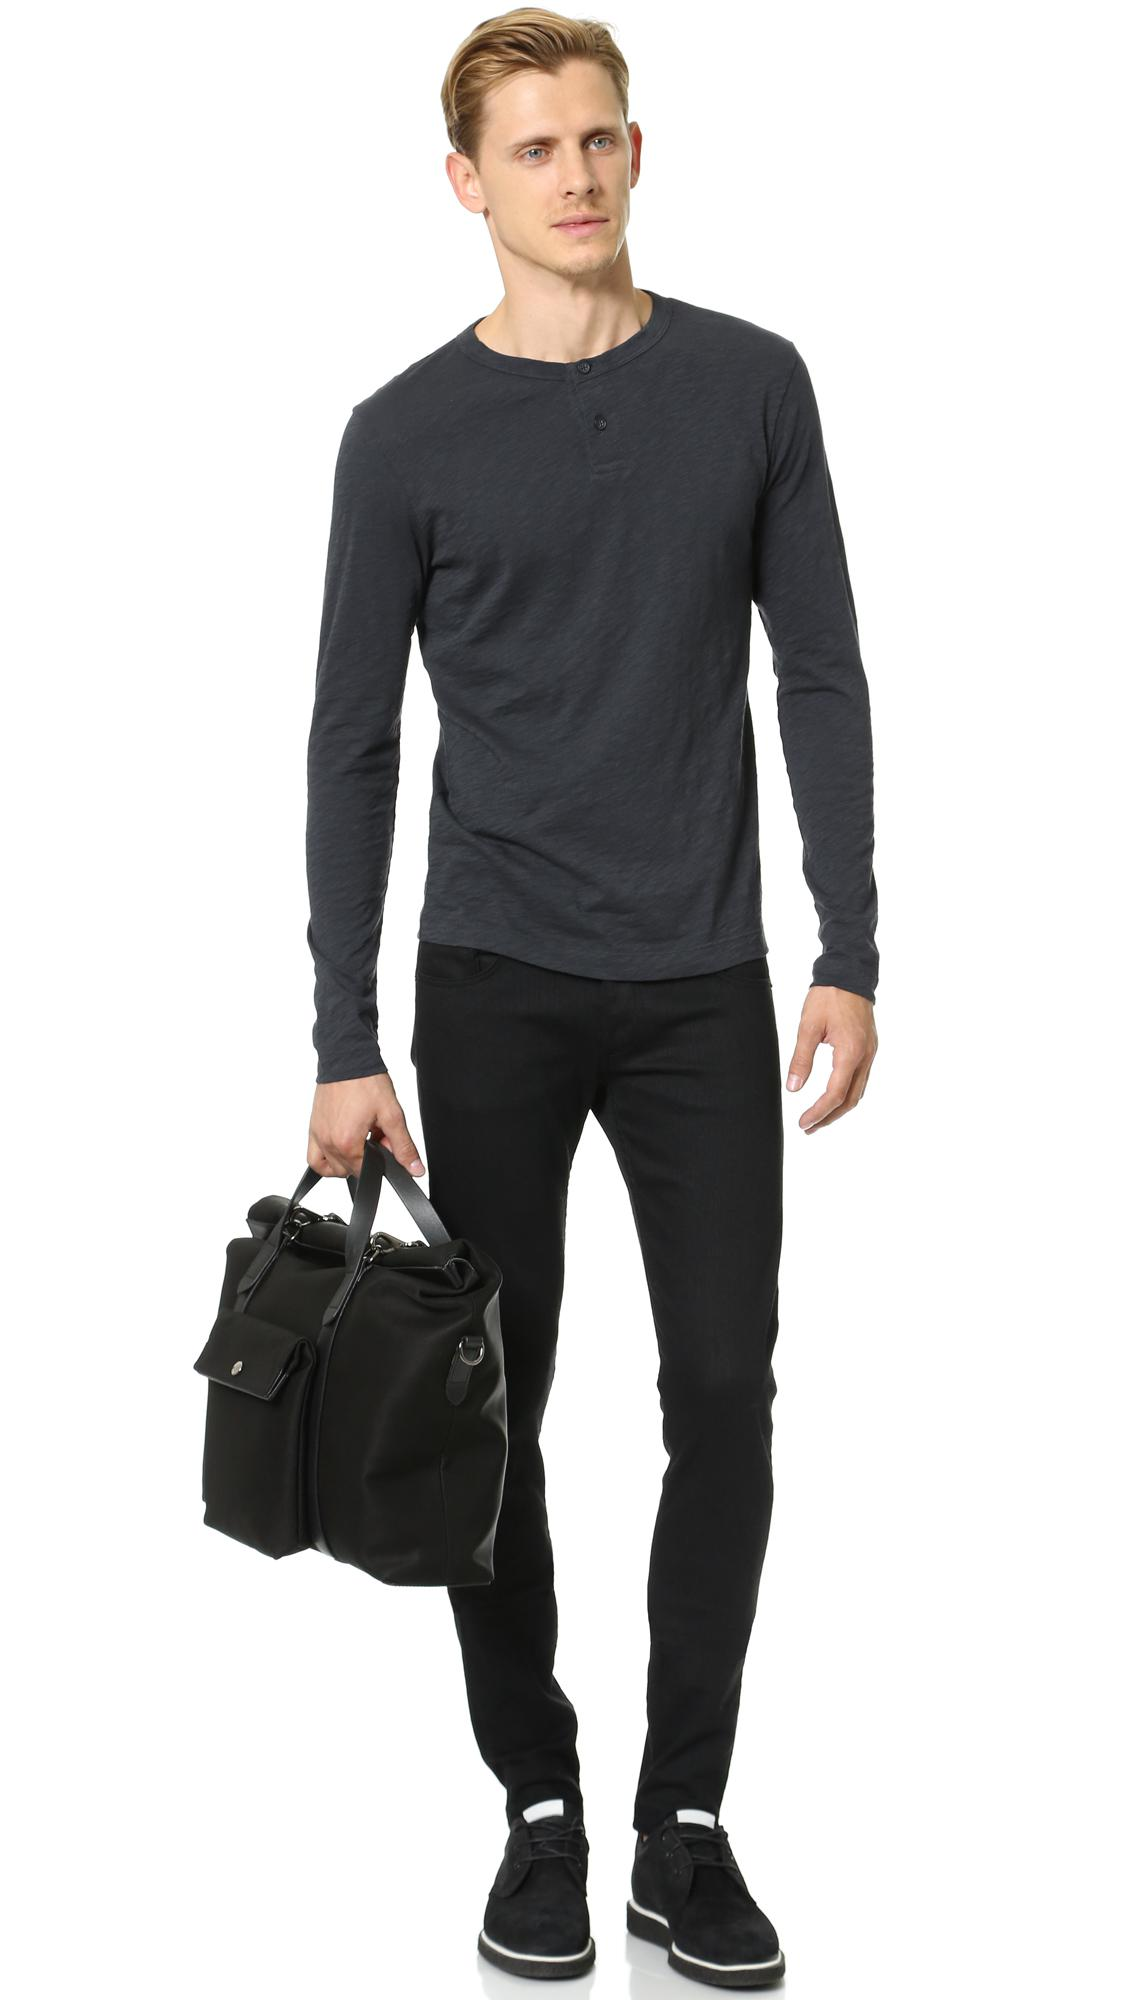 Mismo M / S Soft Work Tote in Black/Black (Black) for Men